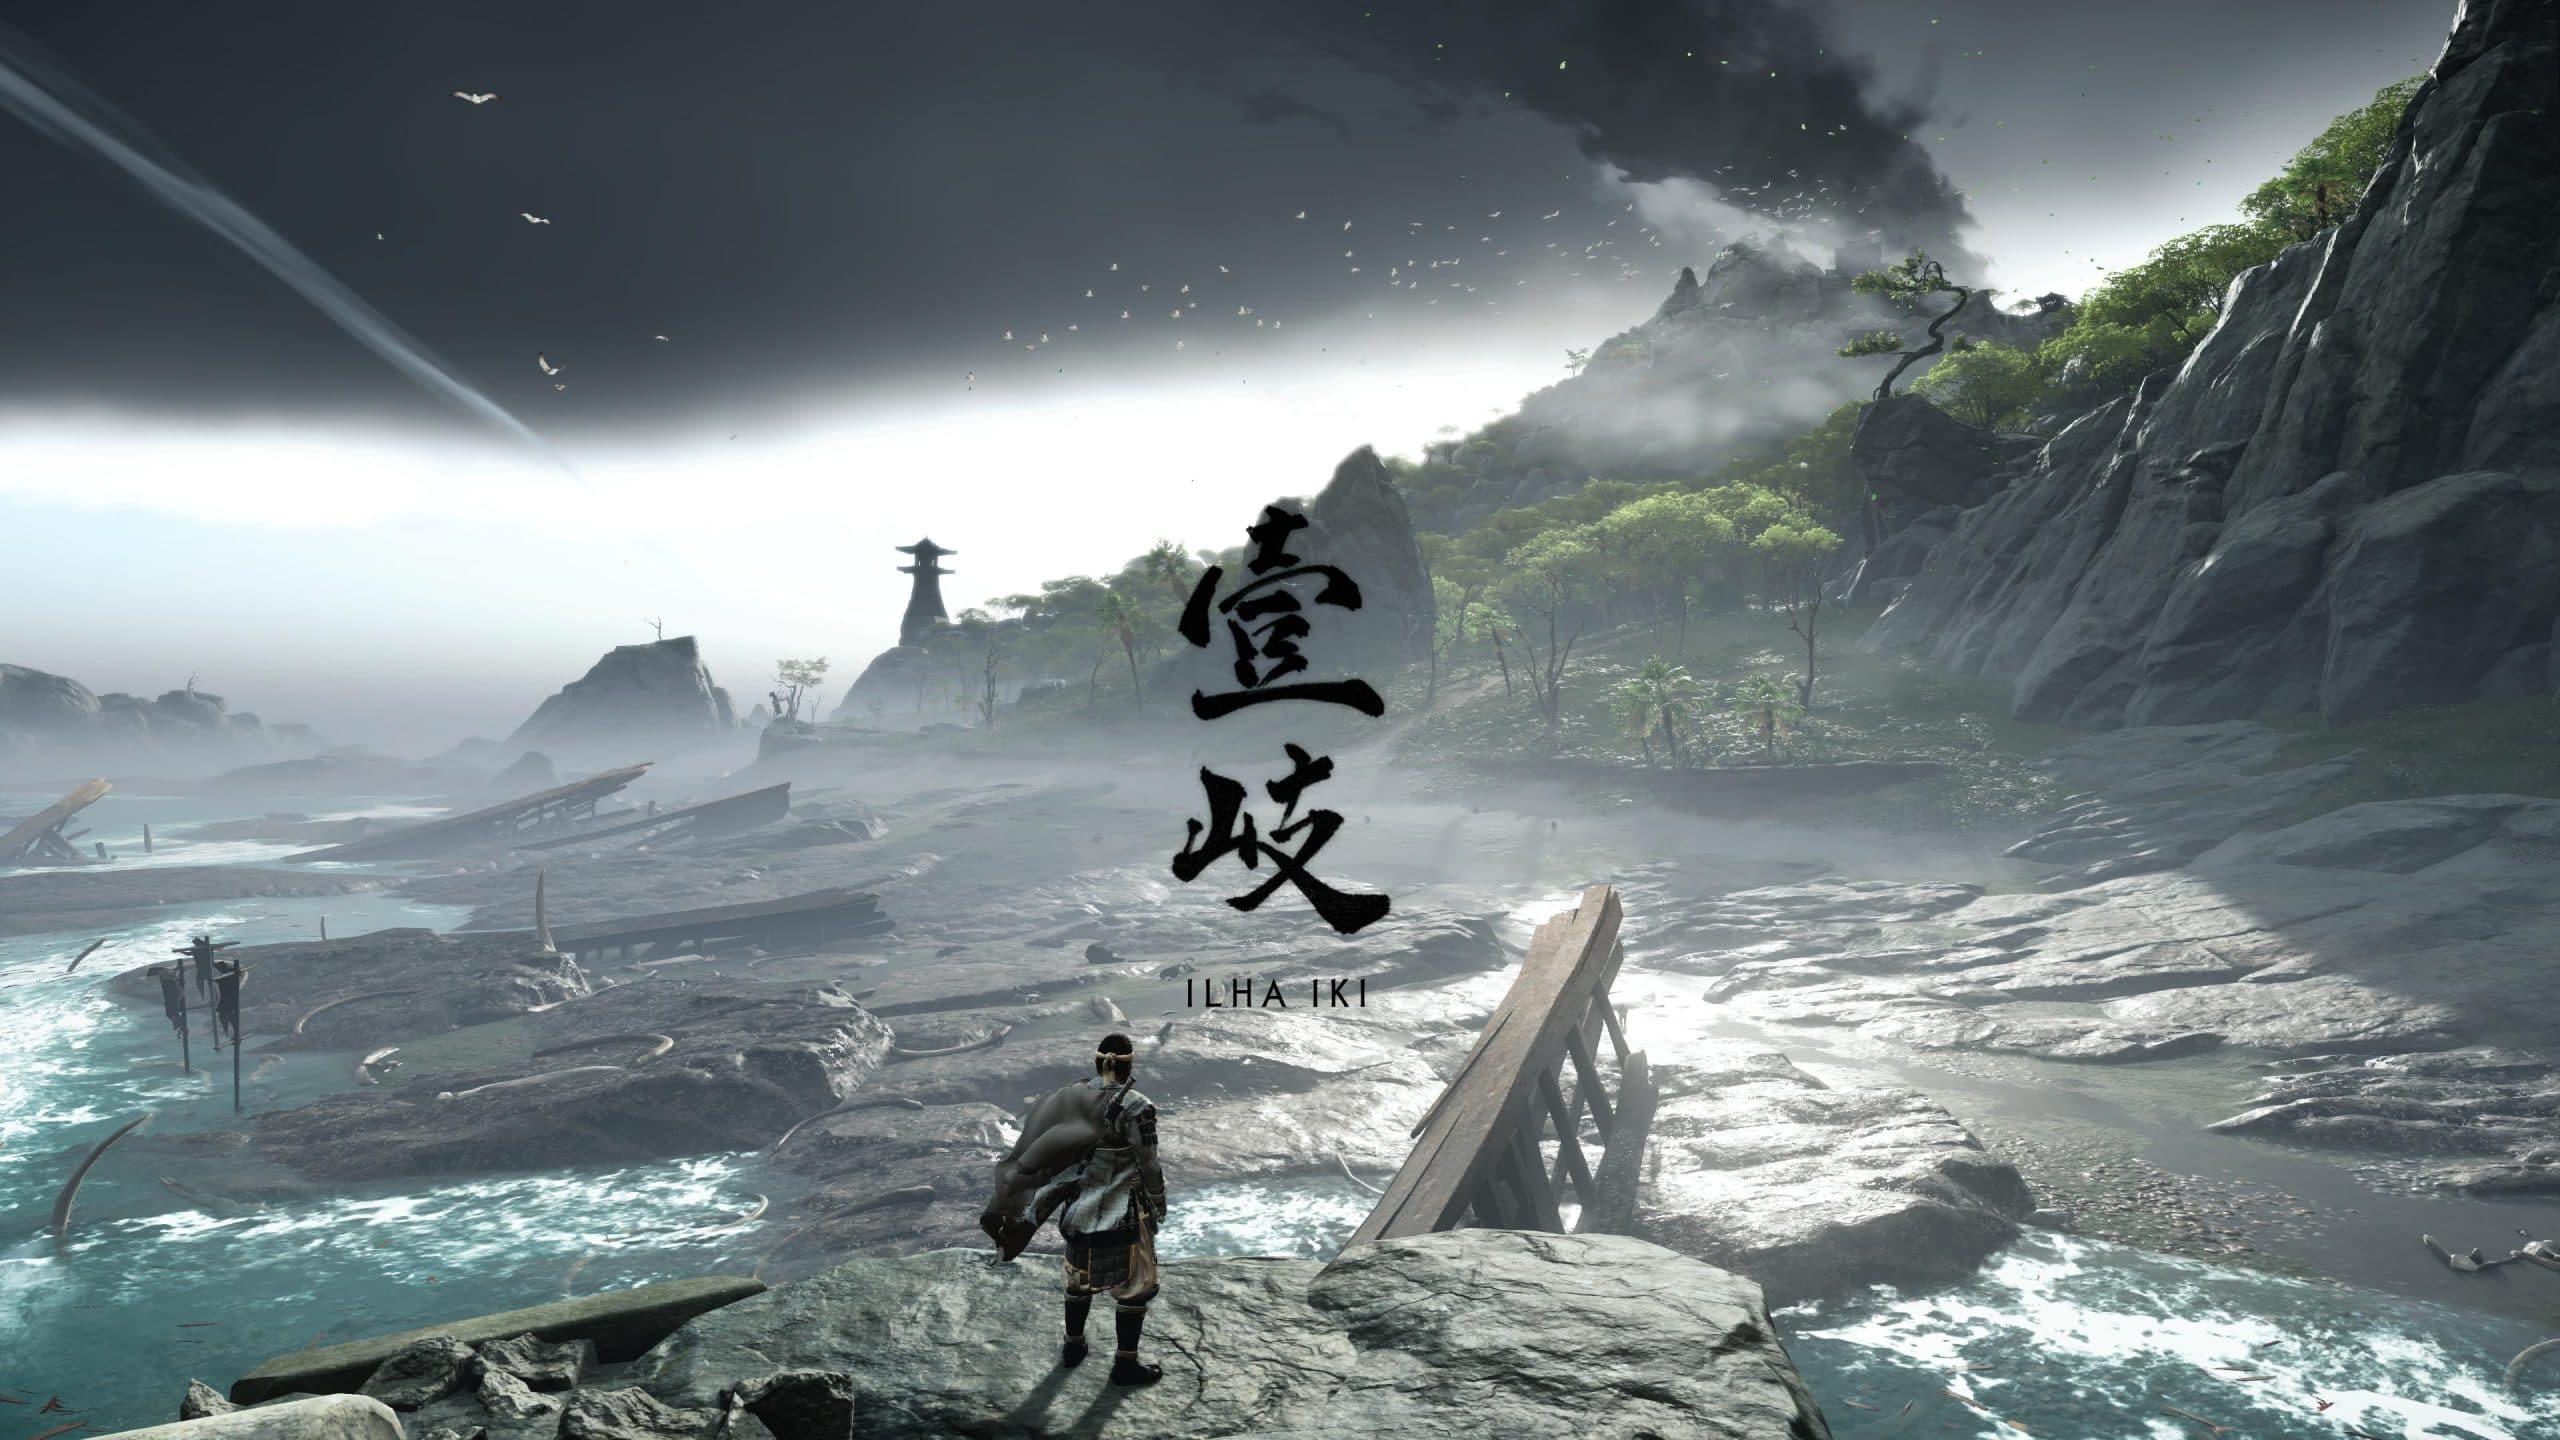 Ghost of Tsushima Director's Cut leva o jogador à Ilha Ikki